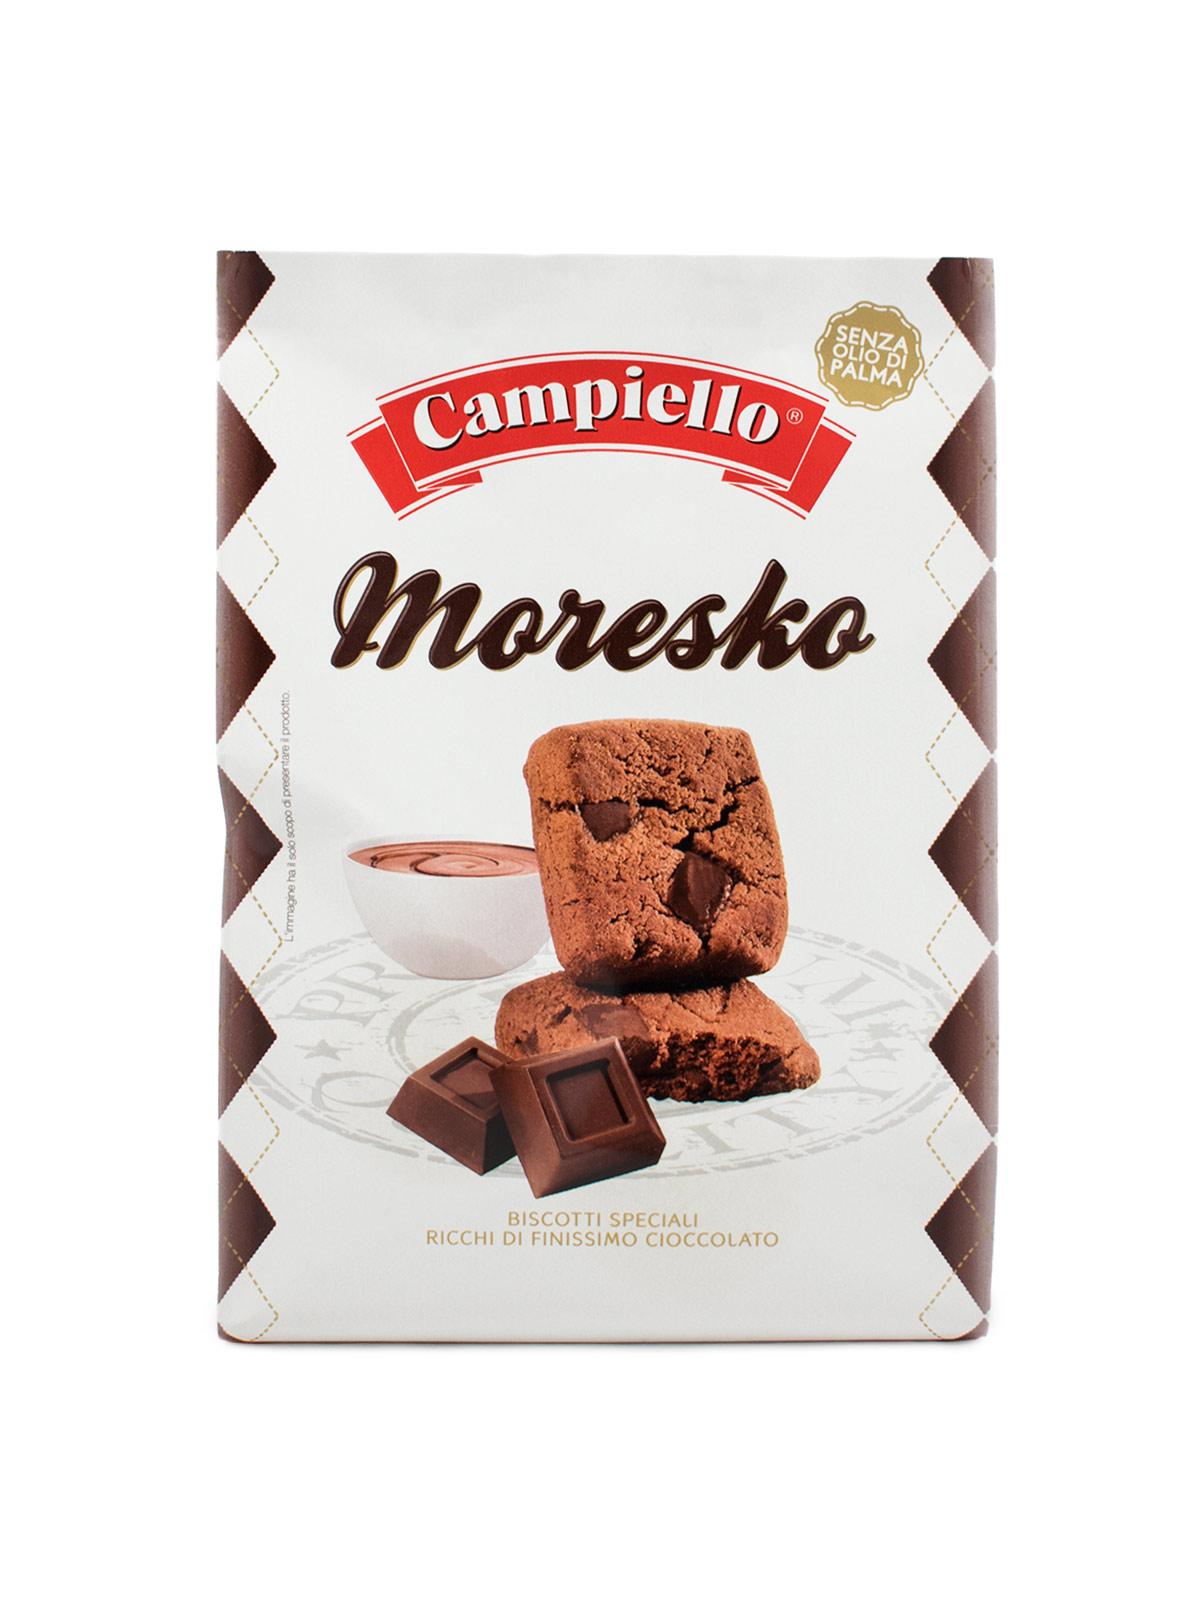 Moresko Chocolate Biscotti - Sweets, Treats, & Snacks - Buon'Italia